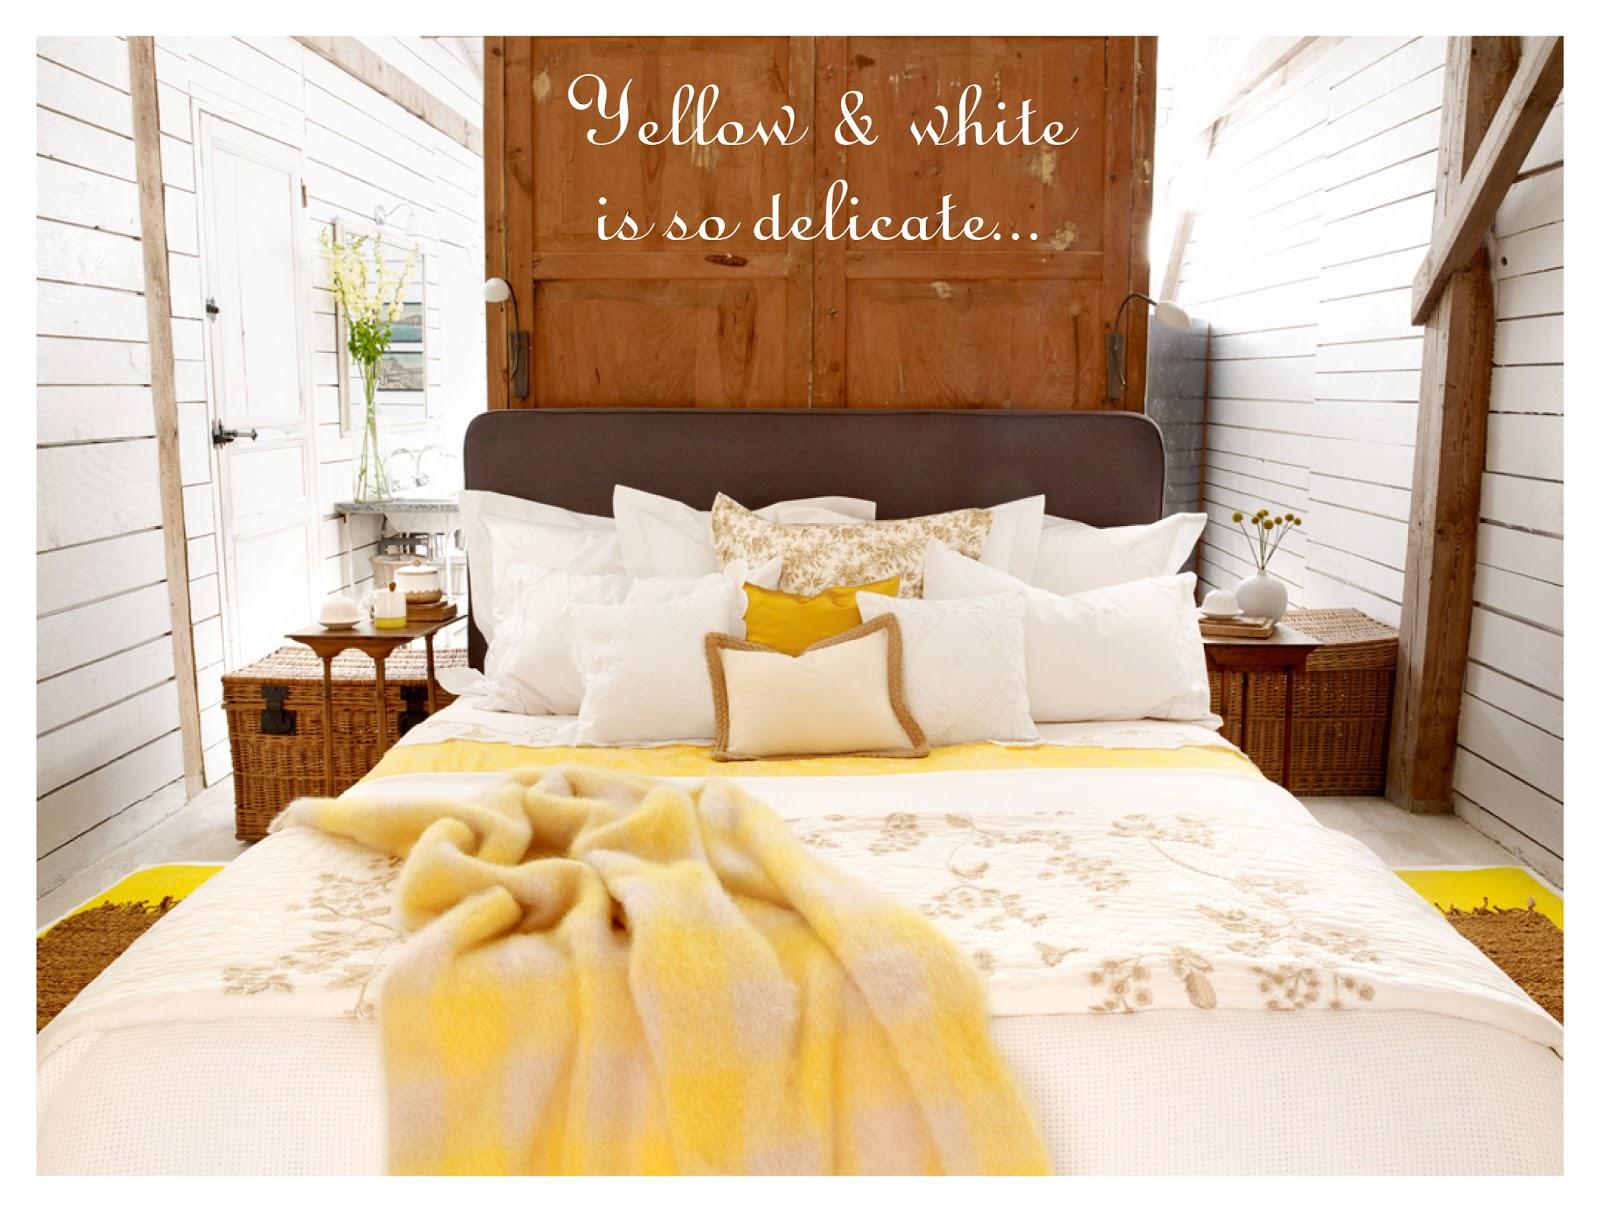 zara home preparou uma coleo delicada para decorar a sua casa com muito estilo e harmonia aproveitem a estancia aqui